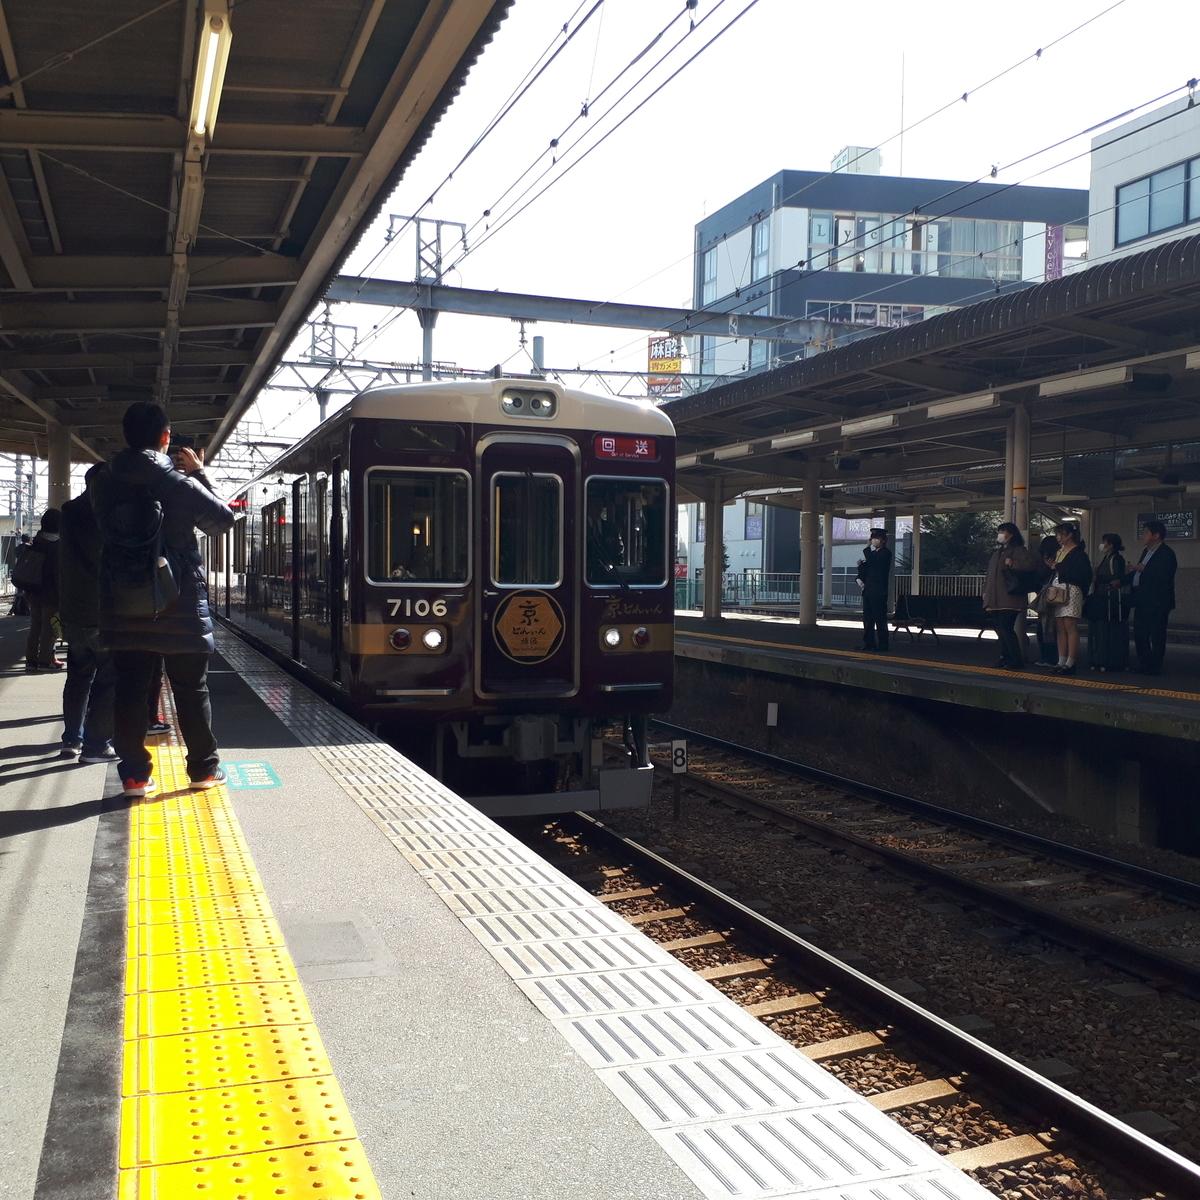 京とれいん雅洛 西宮北口駅 回送で入線